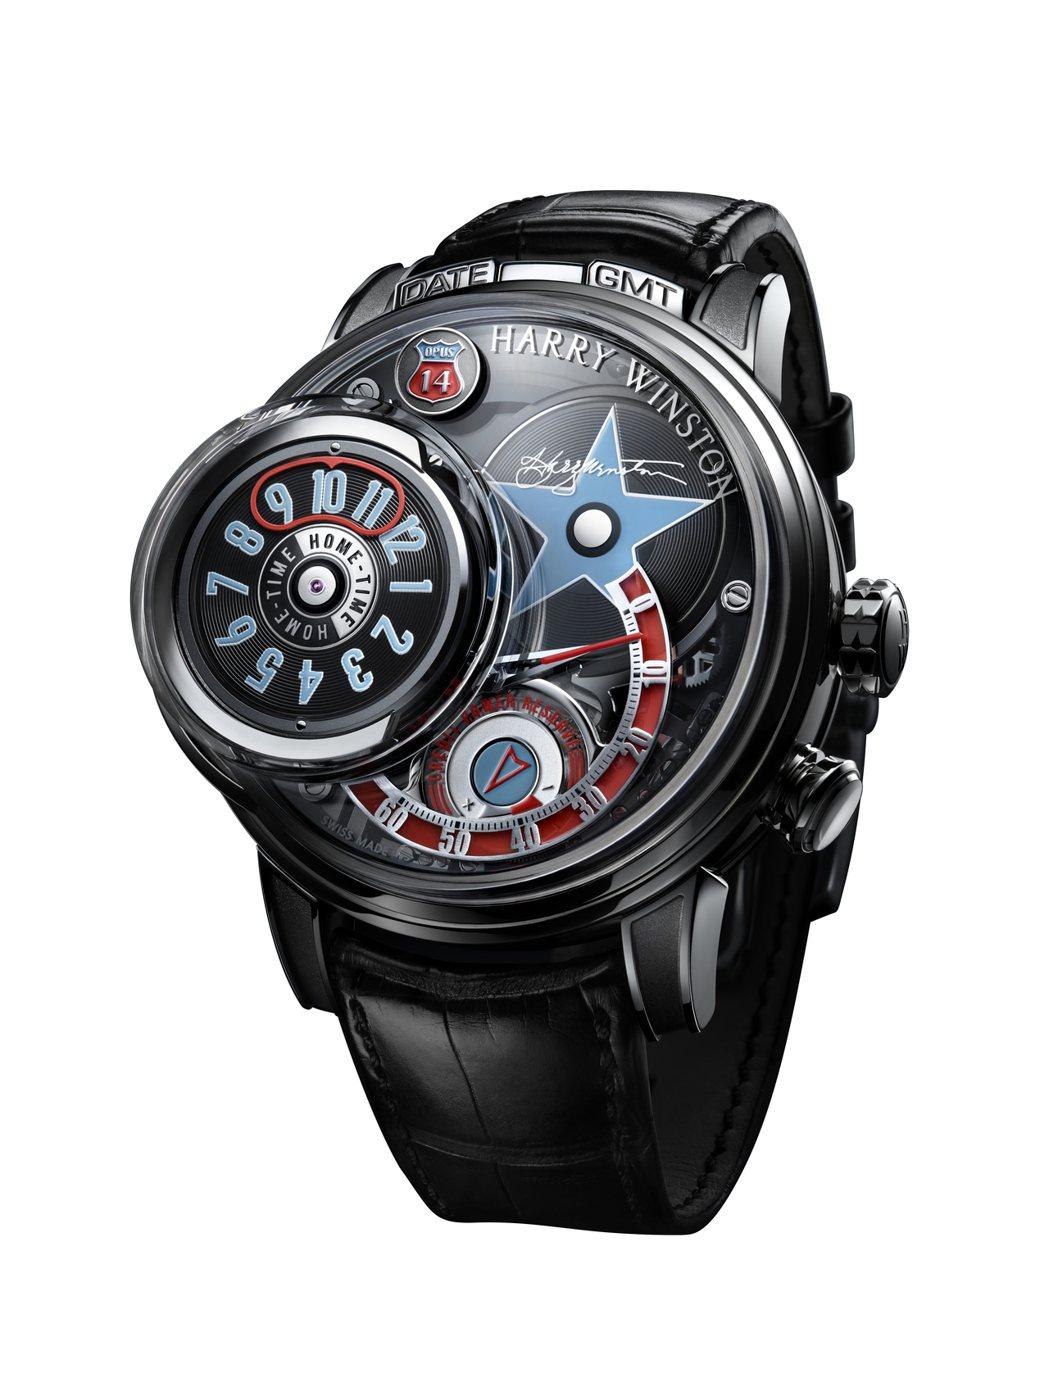 海瑞溫斯頓OPUS 14腕表,具有活動微縮點唱機機制,限量50只,約1,464萬...